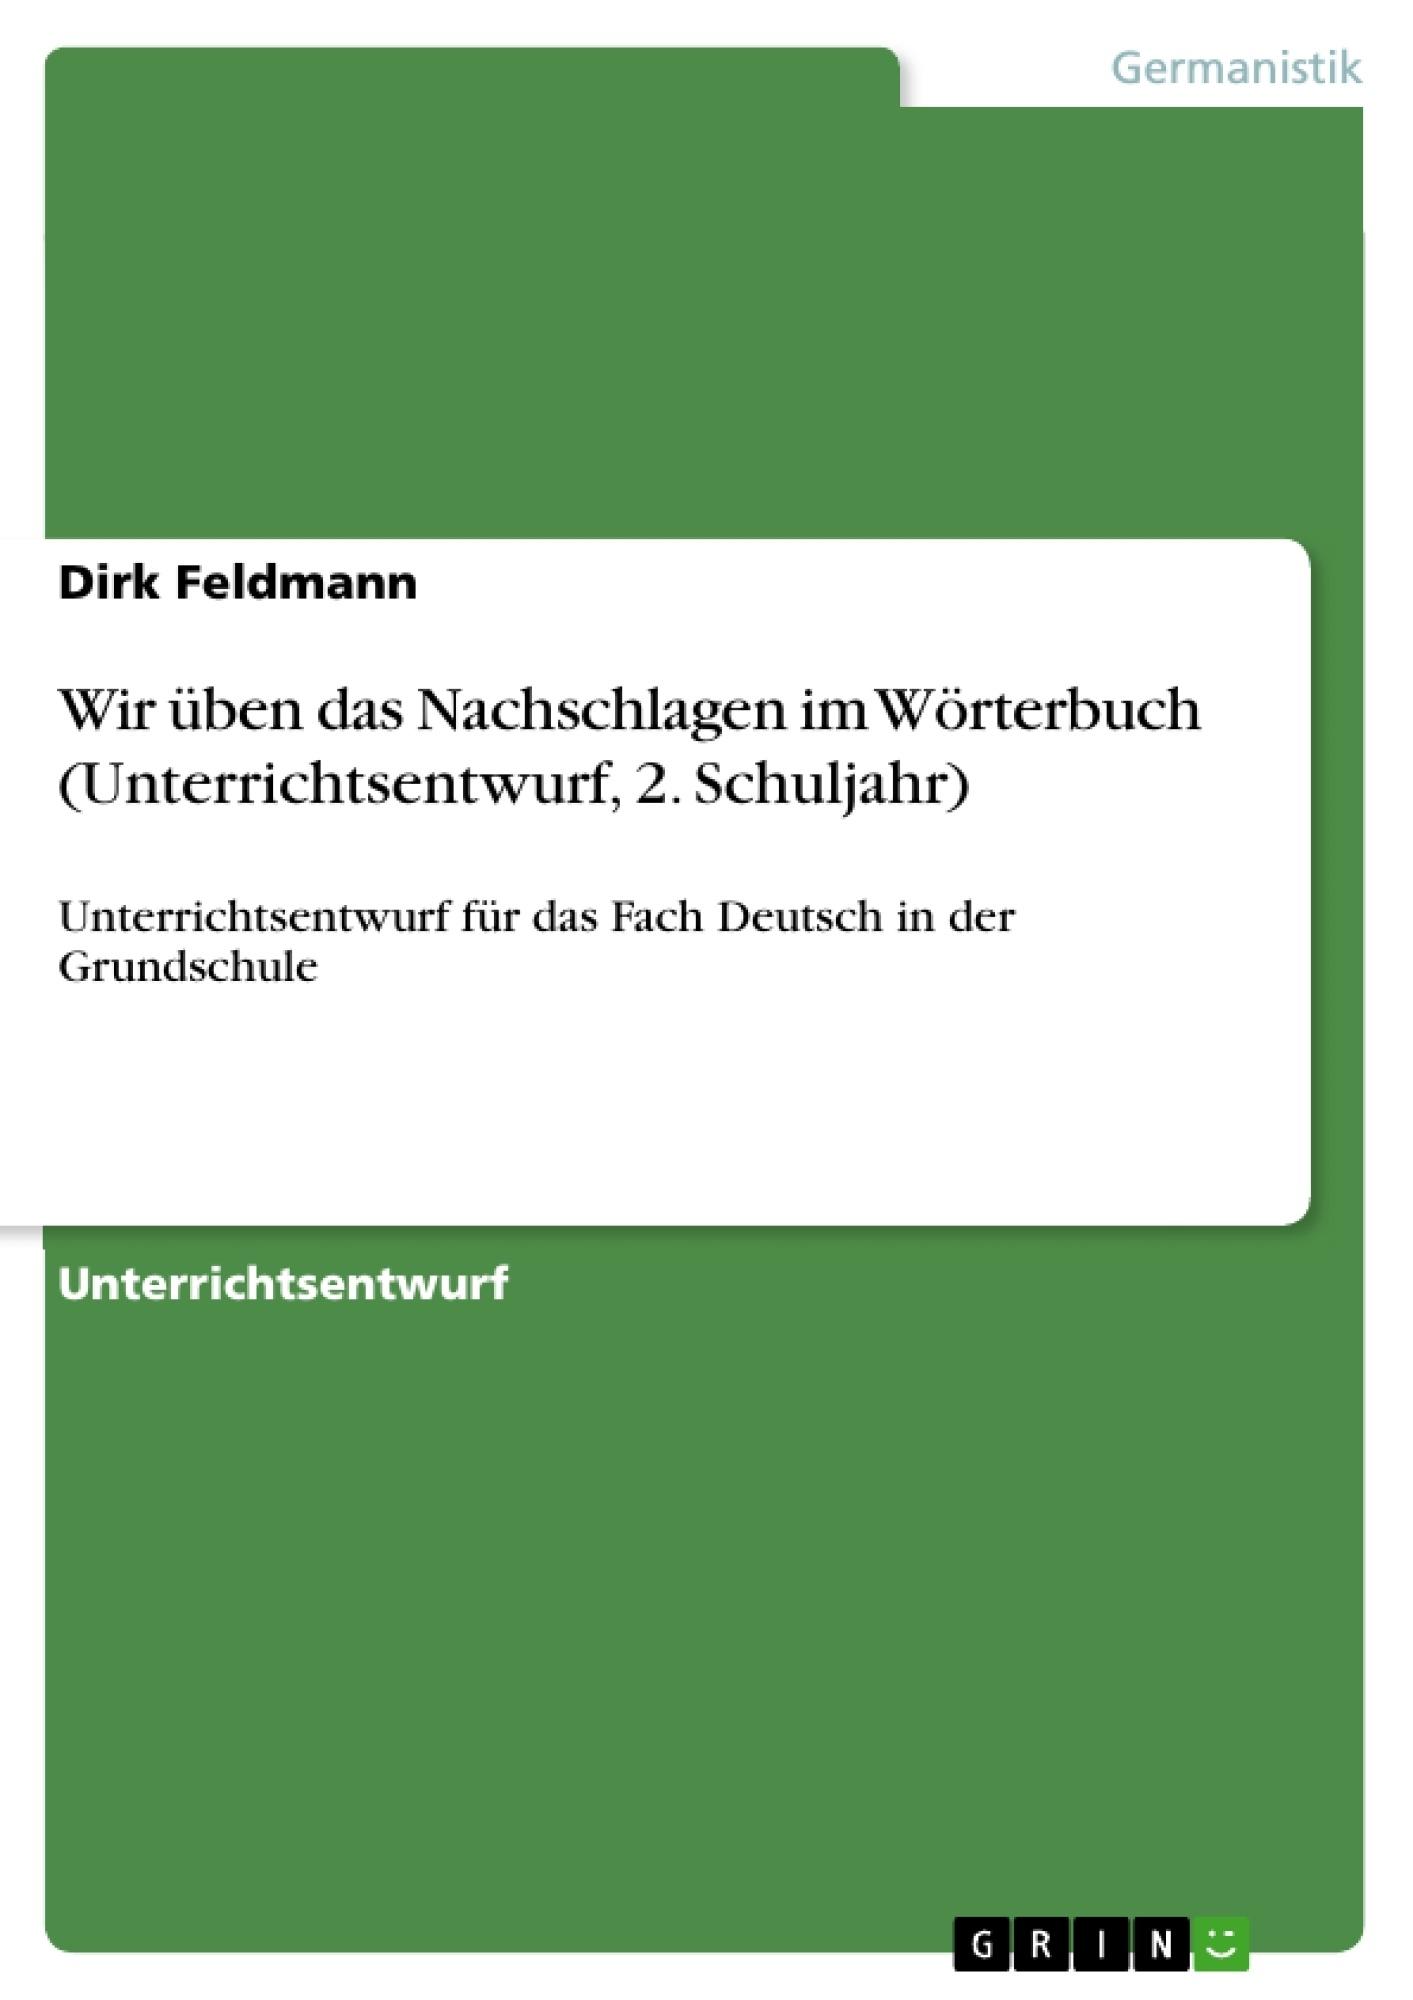 Titel: Wir üben das Nachschlagen im Wörterbuch (Unterrichtsentwurf, 2. Schuljahr)